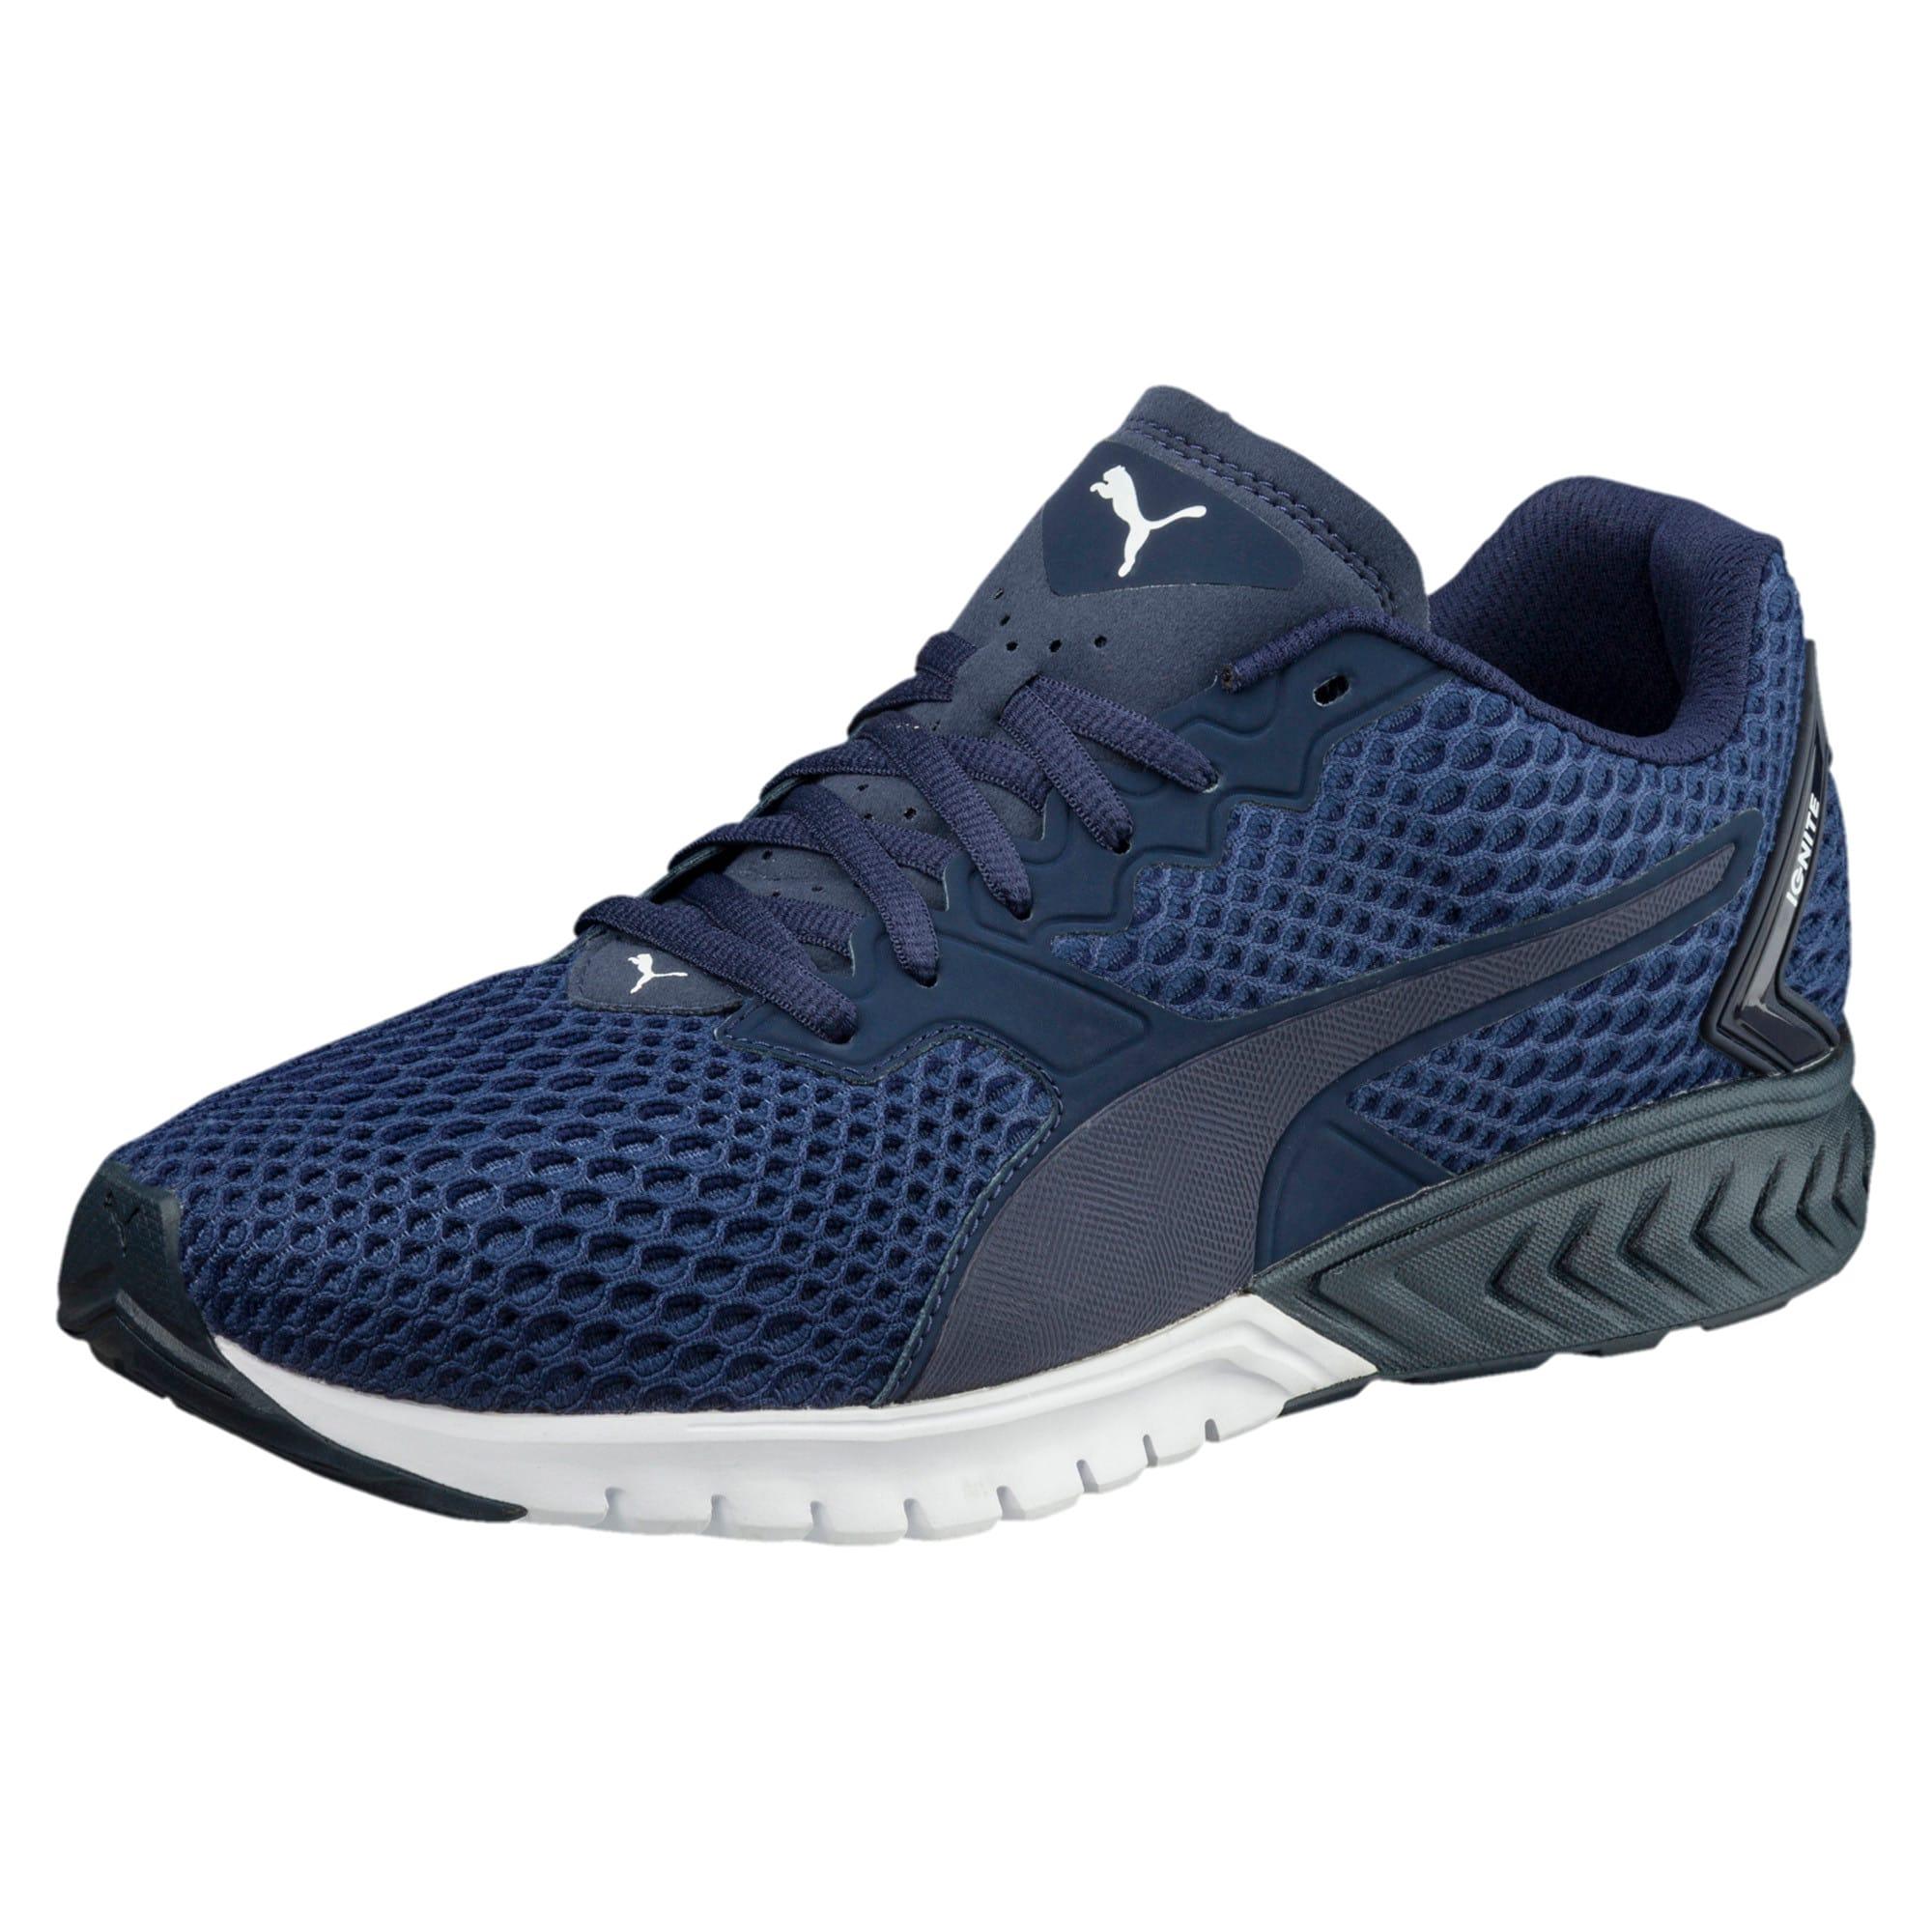 Thumbnail 1 of IGNITE Dual New Core Men's Training Shoes, Peacoat-Sargasso Sea, medium-IND